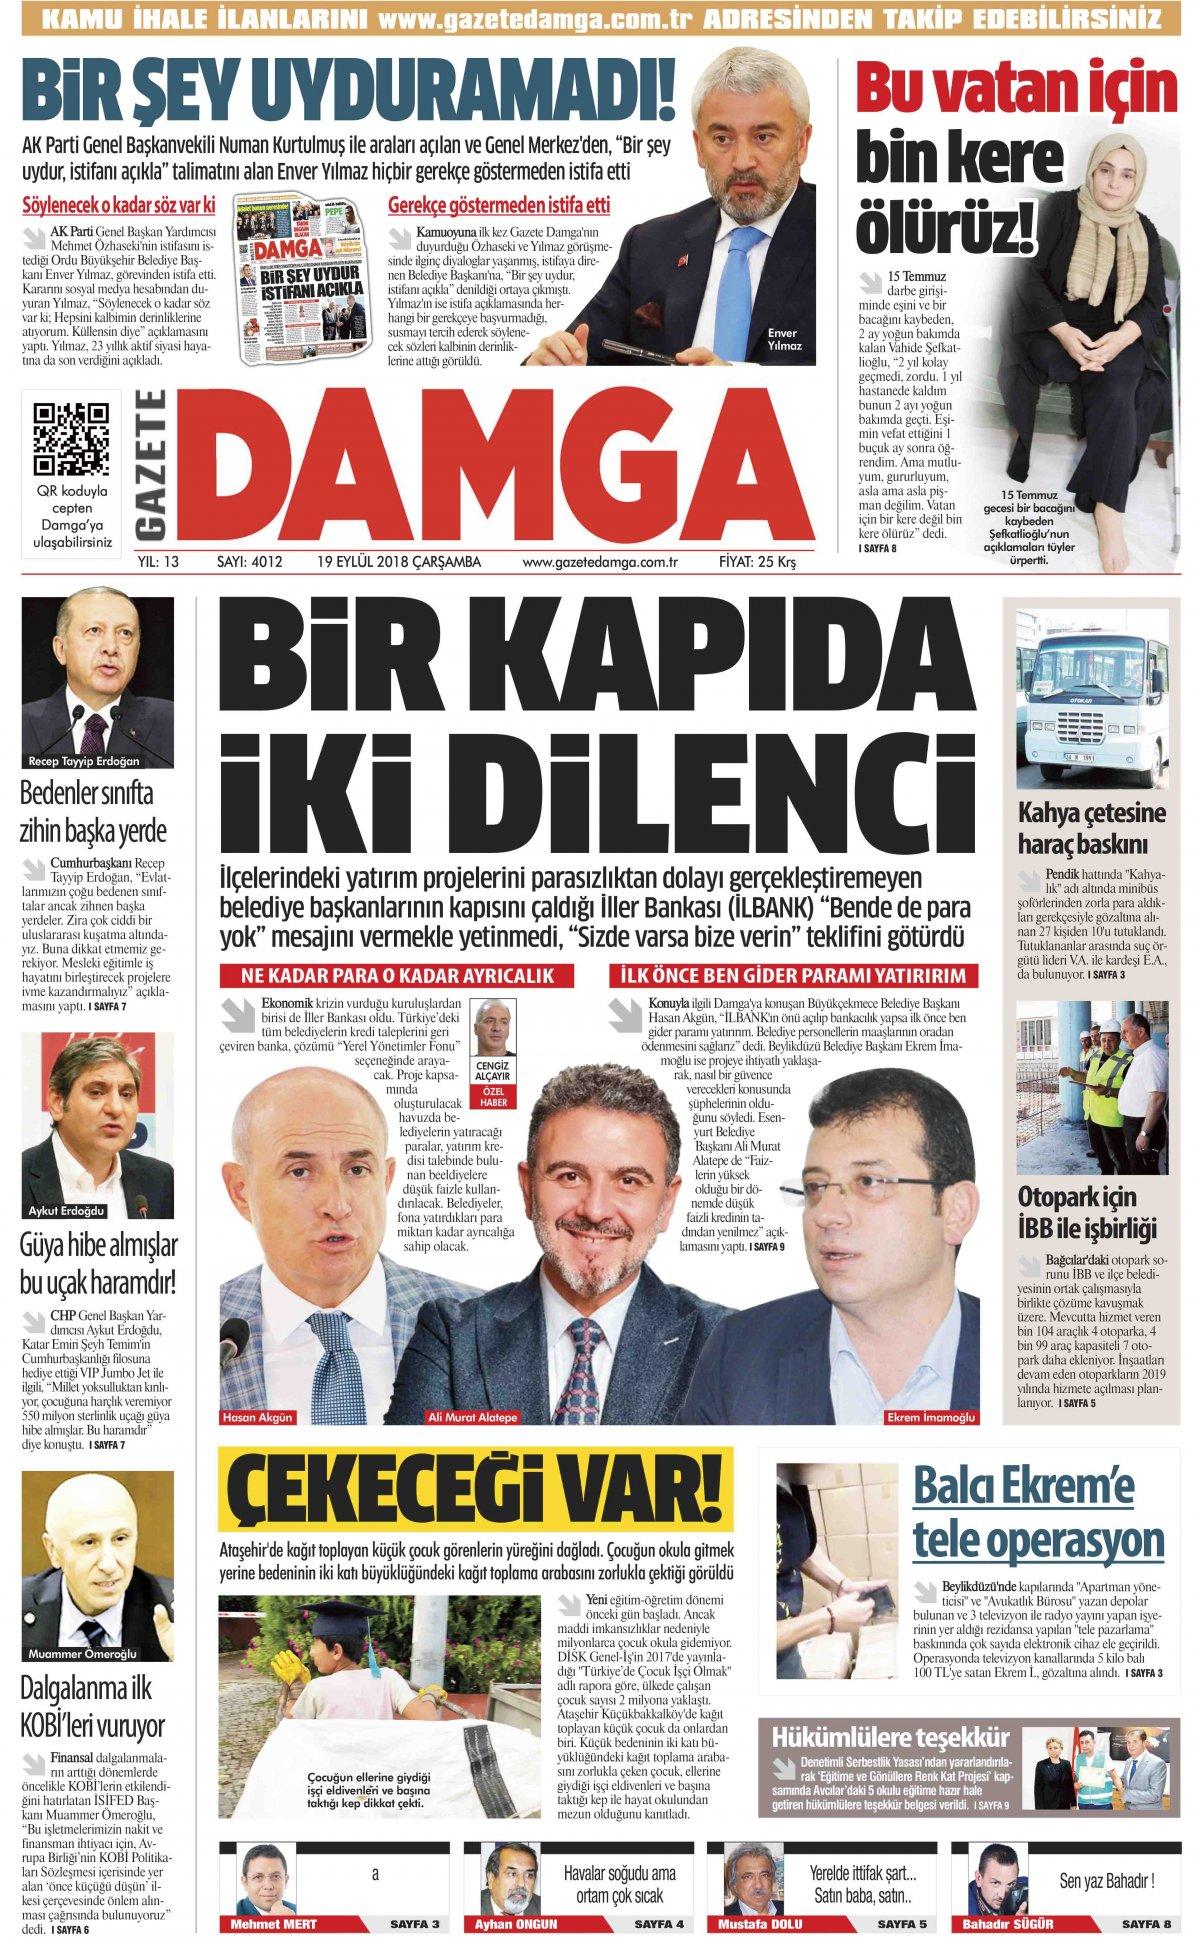 Gazete Damga - 19.09.2018 Manşeti